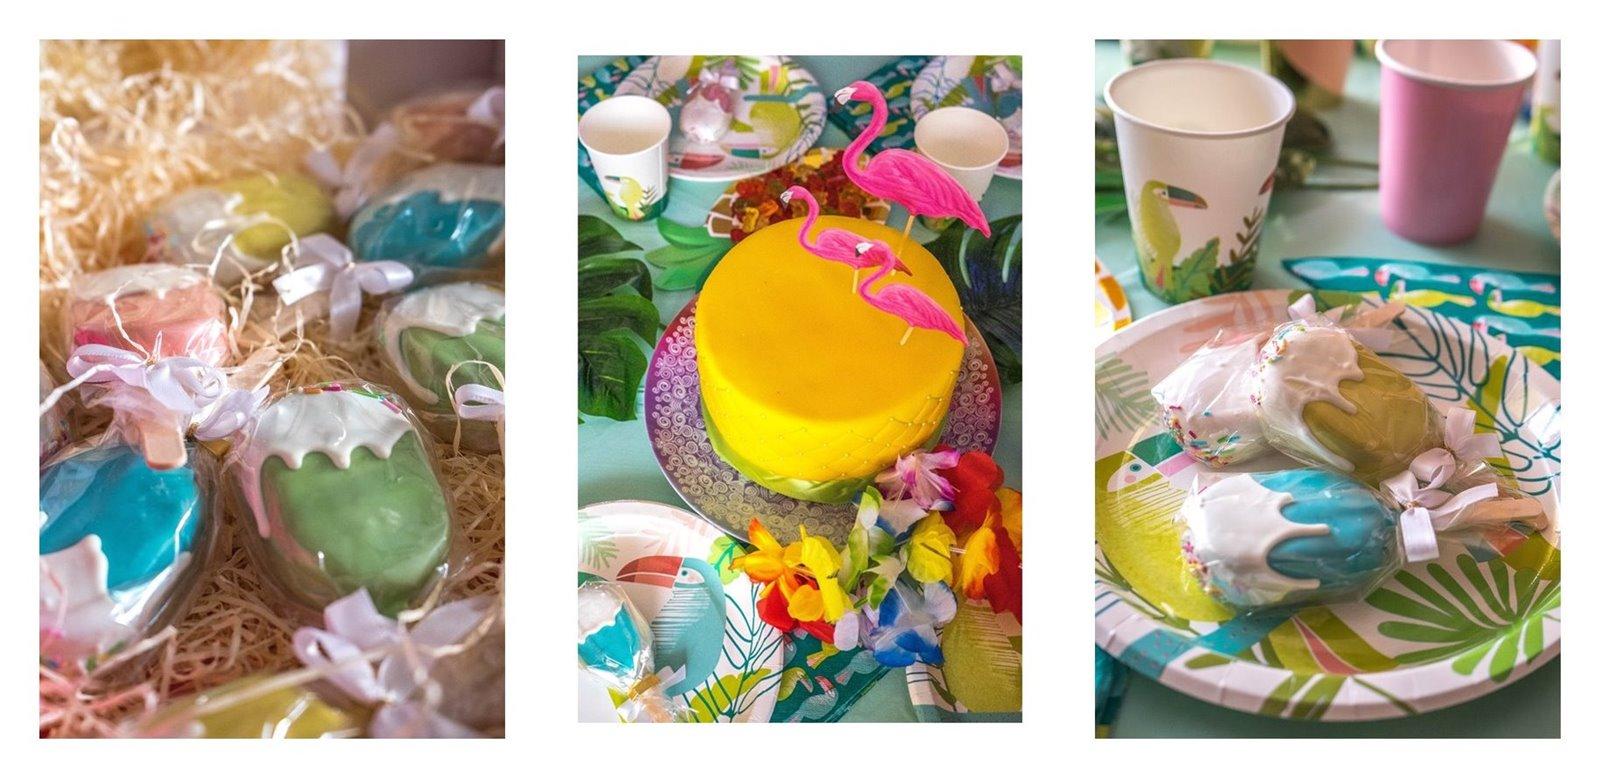 5a twój tort cake pops opinie jak smakuje recenzja czy dobre gdzie zamówić tort online nie dłodkie torty tęczowe wnętrze jak zamówić ile kosztuje cena blog urodziny dekoracje hawajskie